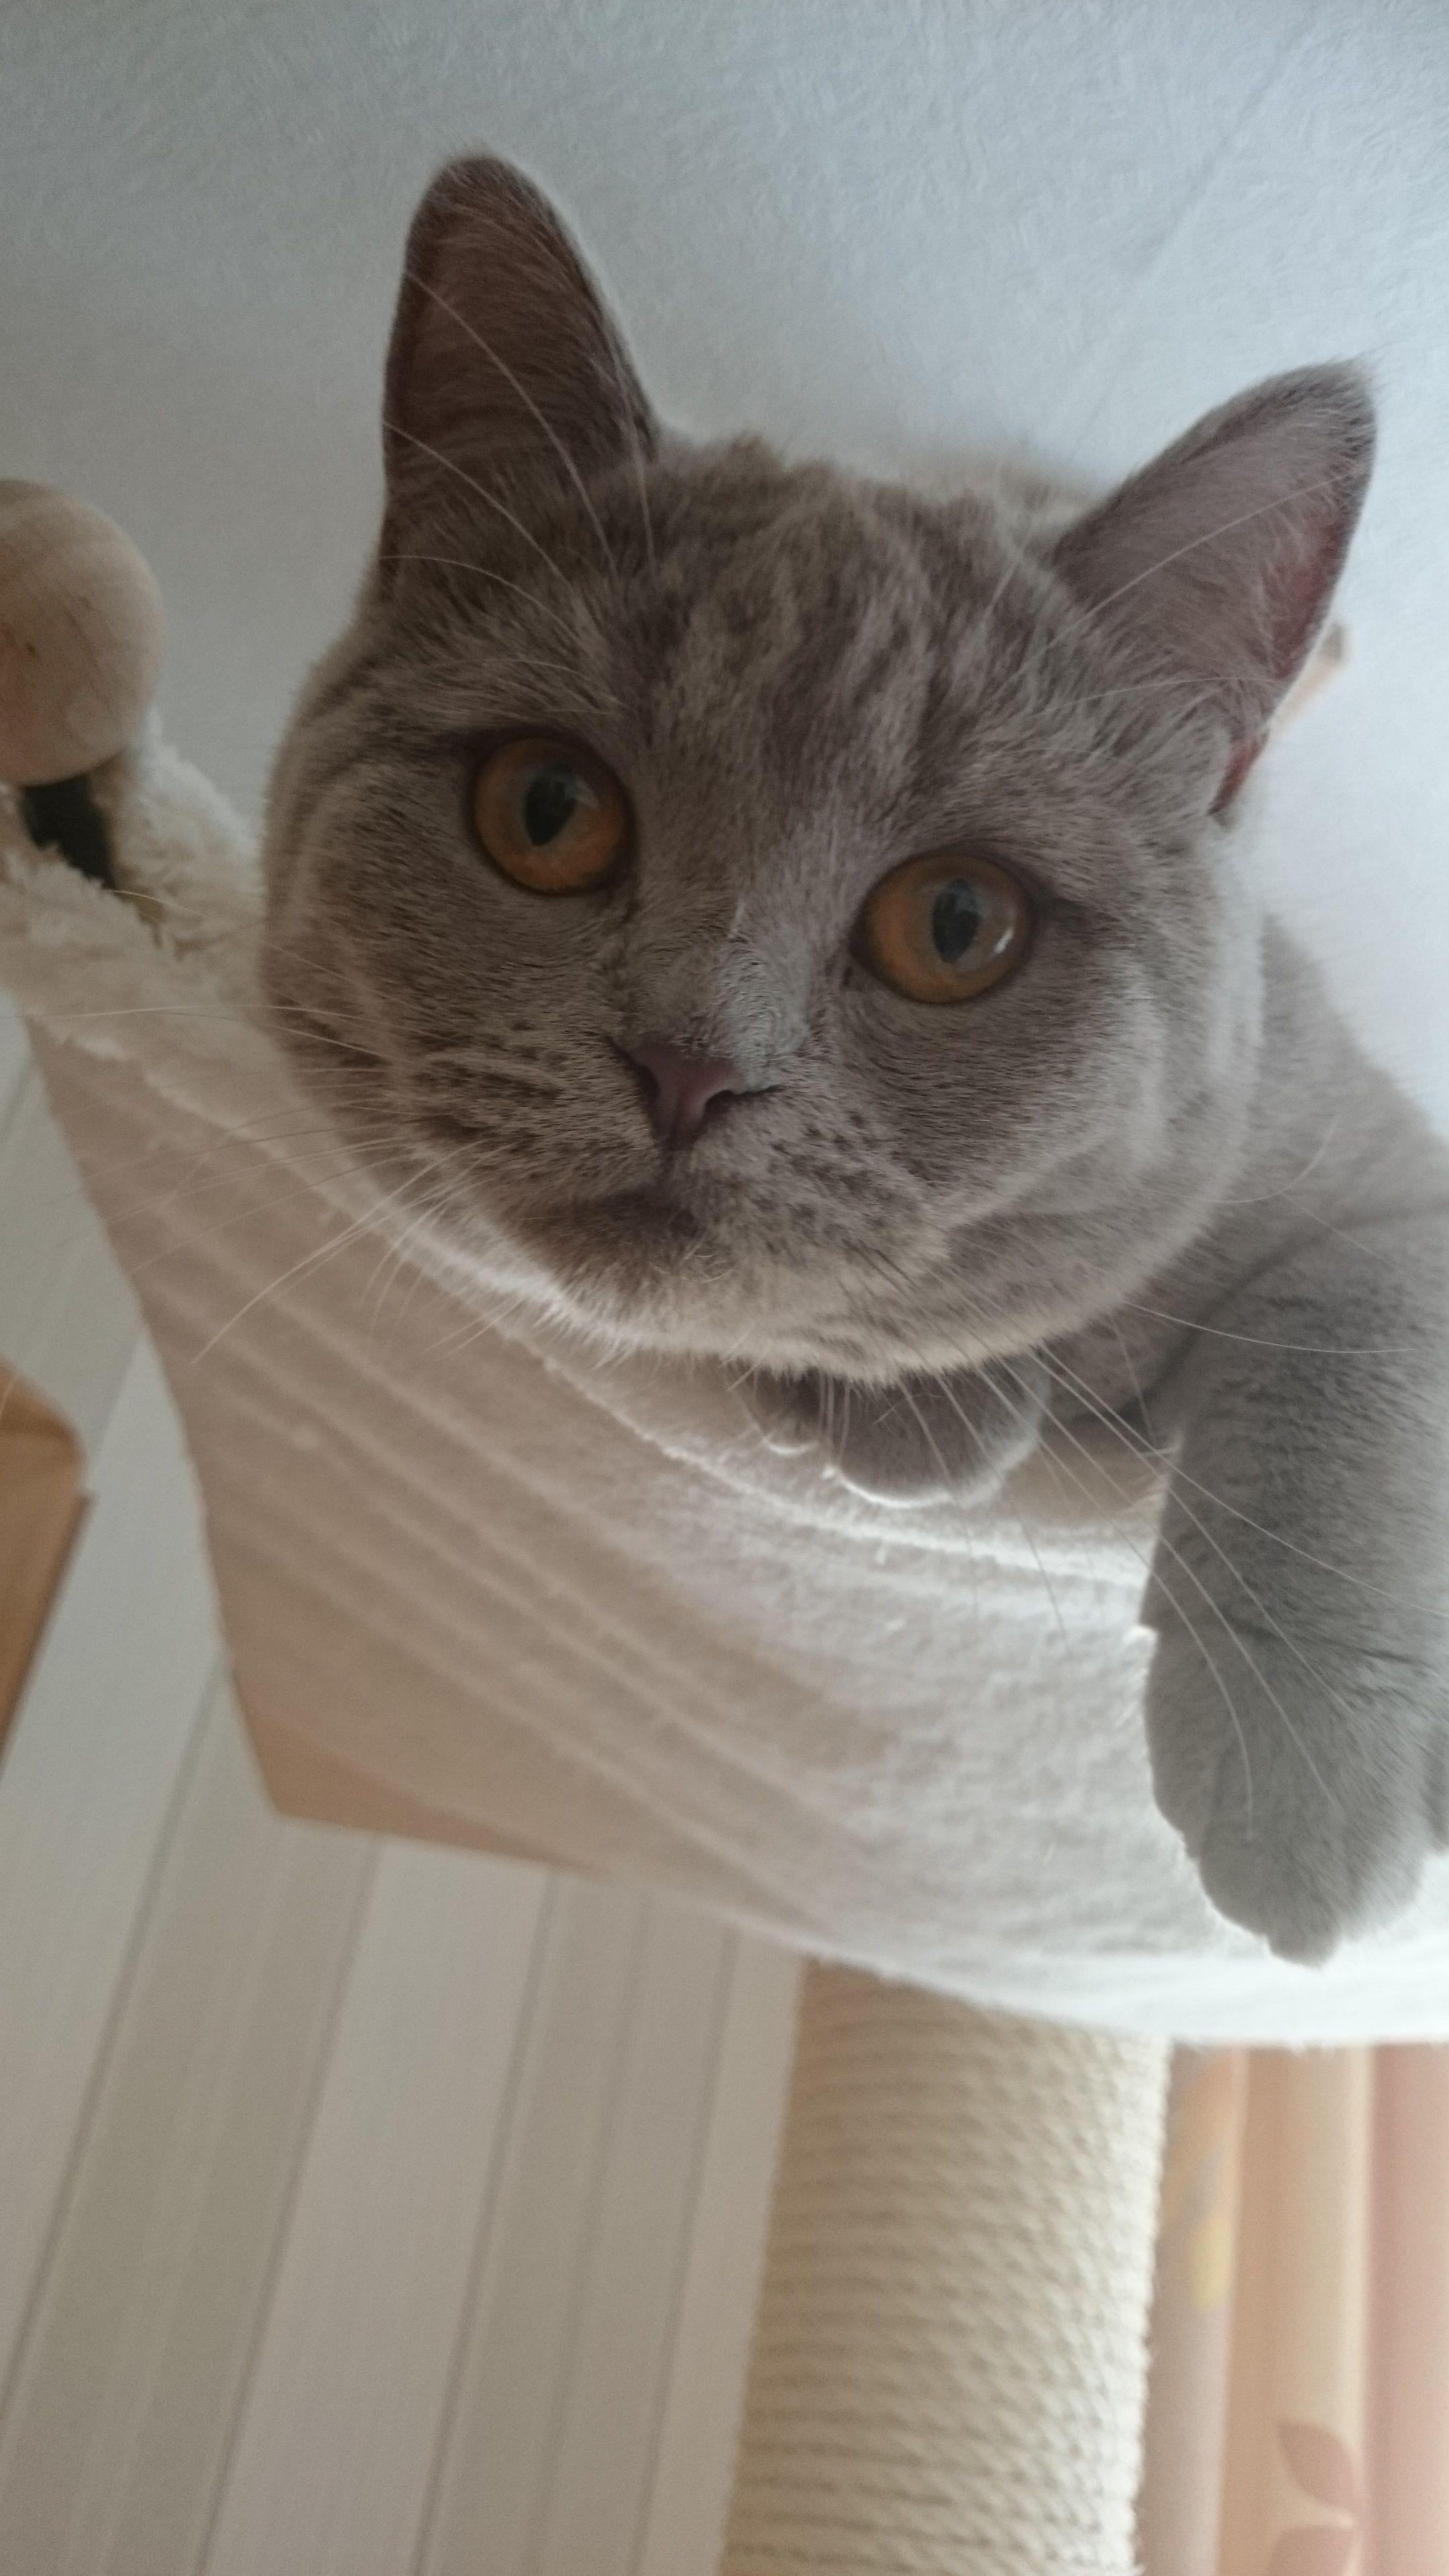 katzen richtig besch ftigen hier findet ihr tipps tierliebe pinterest katzen katzen. Black Bedroom Furniture Sets. Home Design Ideas